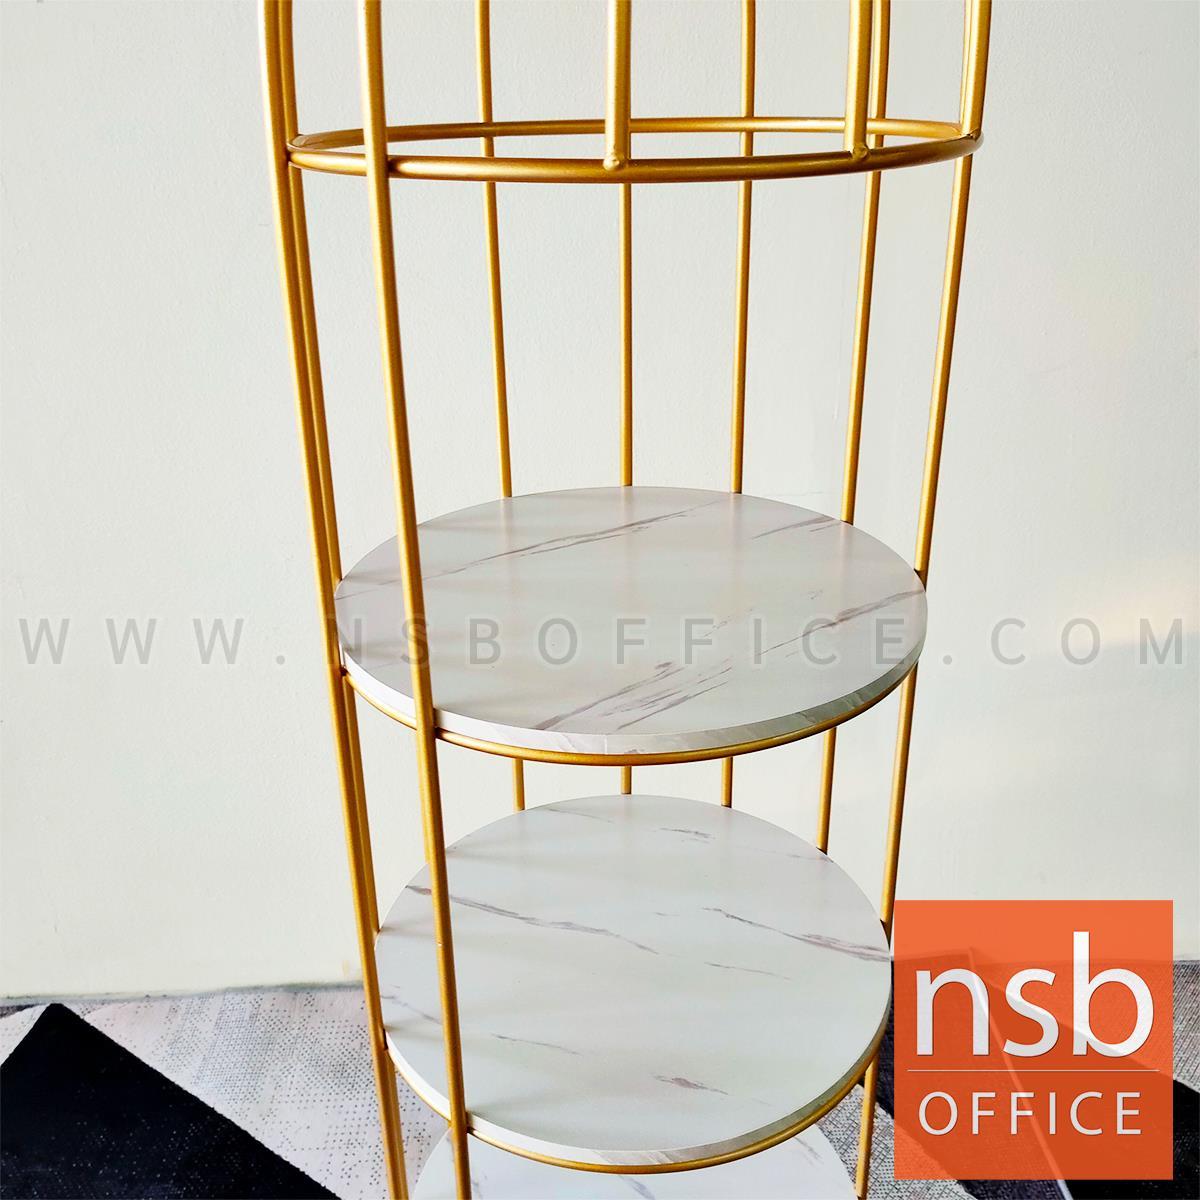 ชั้นอเนกประสงค์วางของ รุ่น Splendid (สเปนดิด) ขนาด 40W*177H cm. โครงเหล็กสีทอง